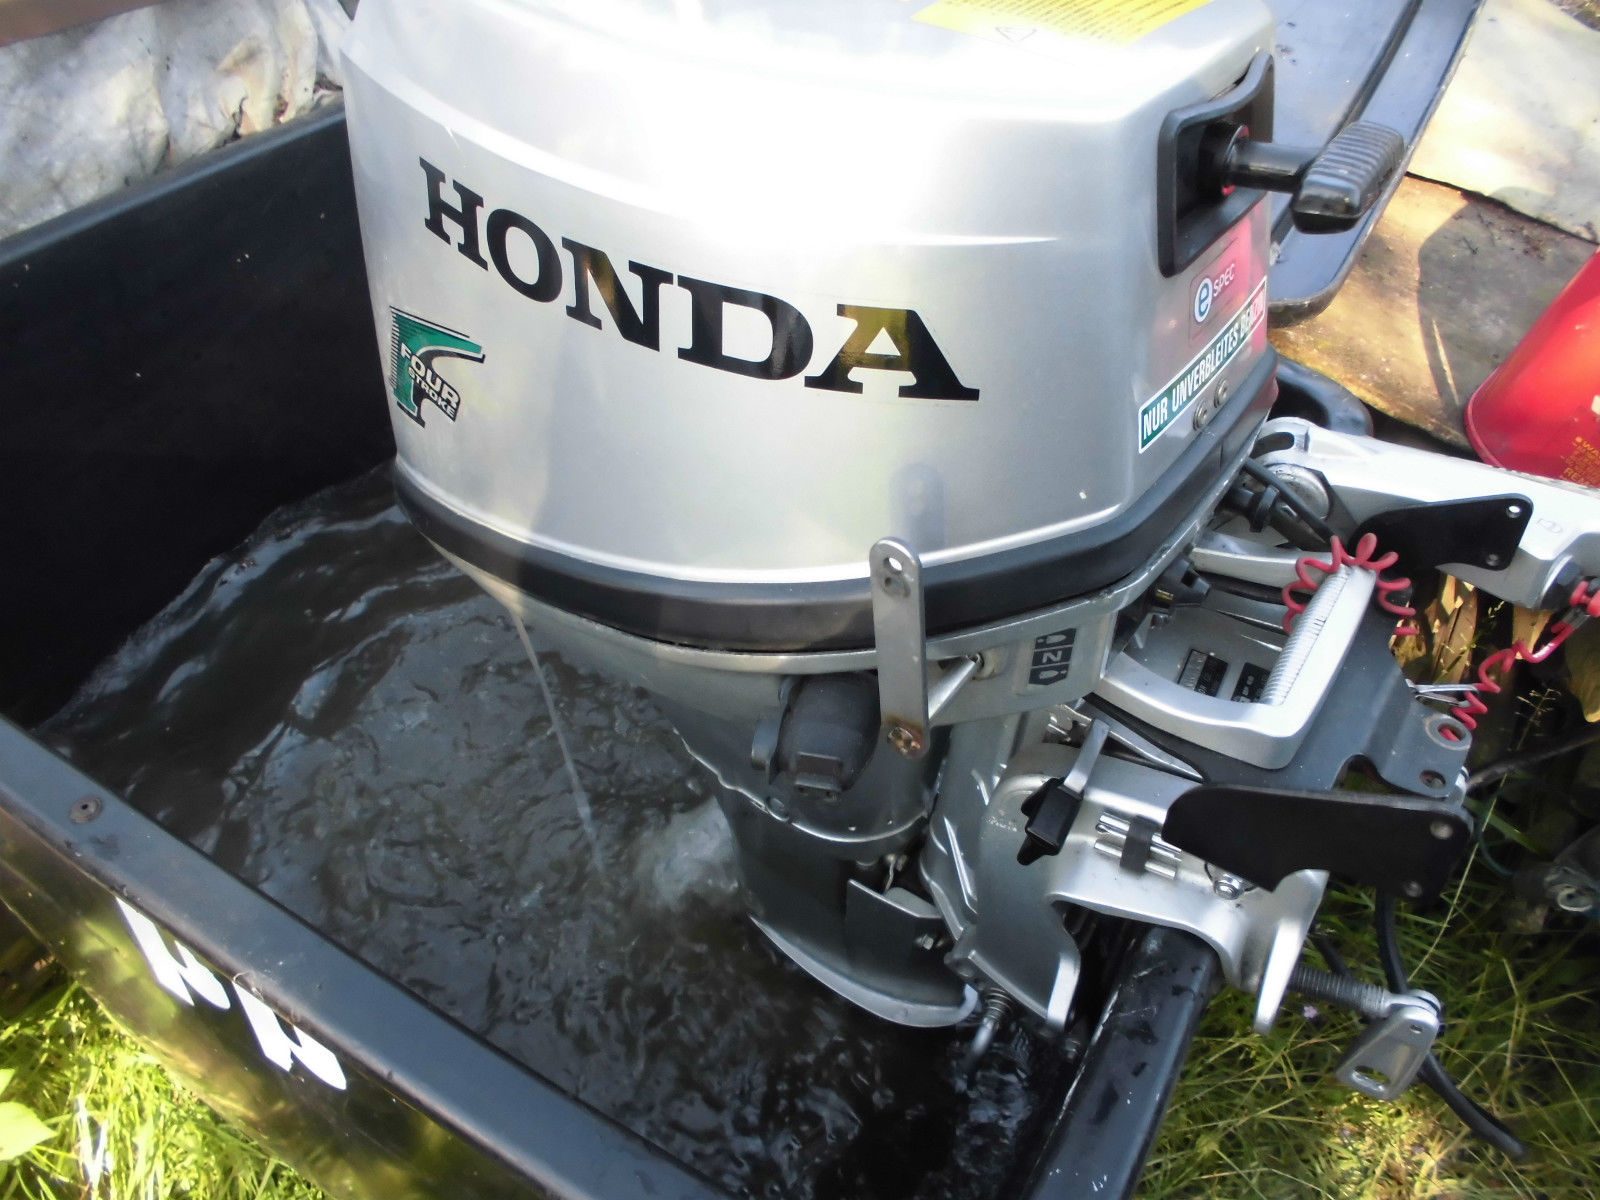 Aussenbordmotor Honda 6 ps kurzschaft mit Bodenseezulasung